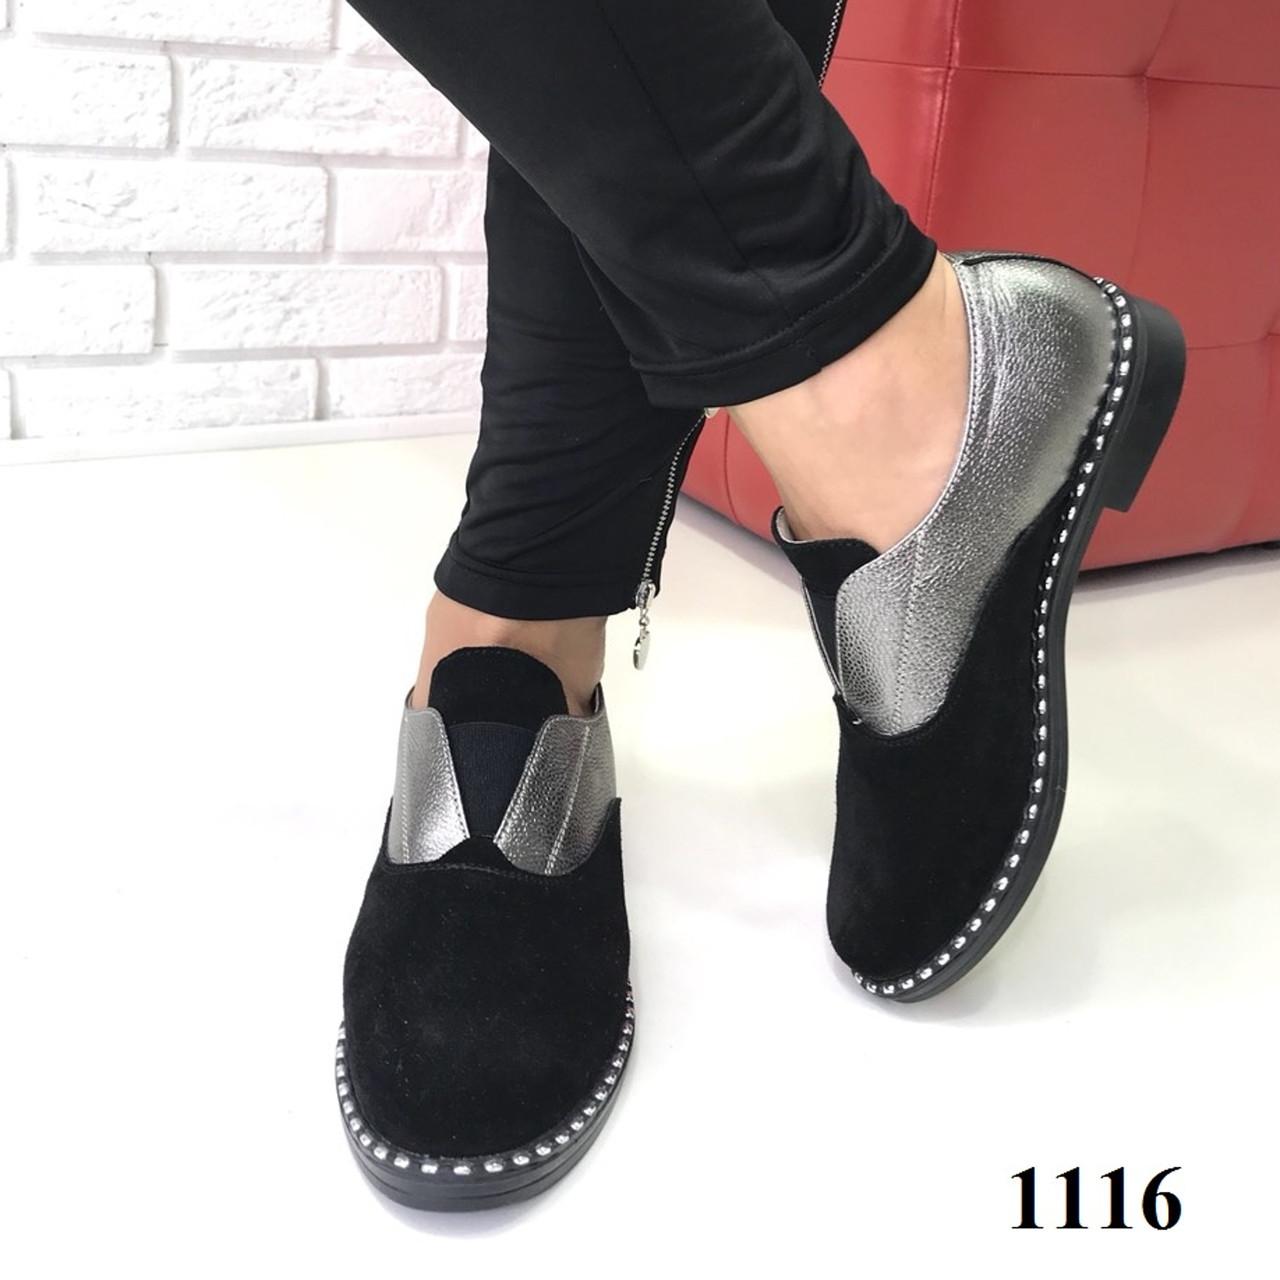 Женские замшевые туфли-слипы черные